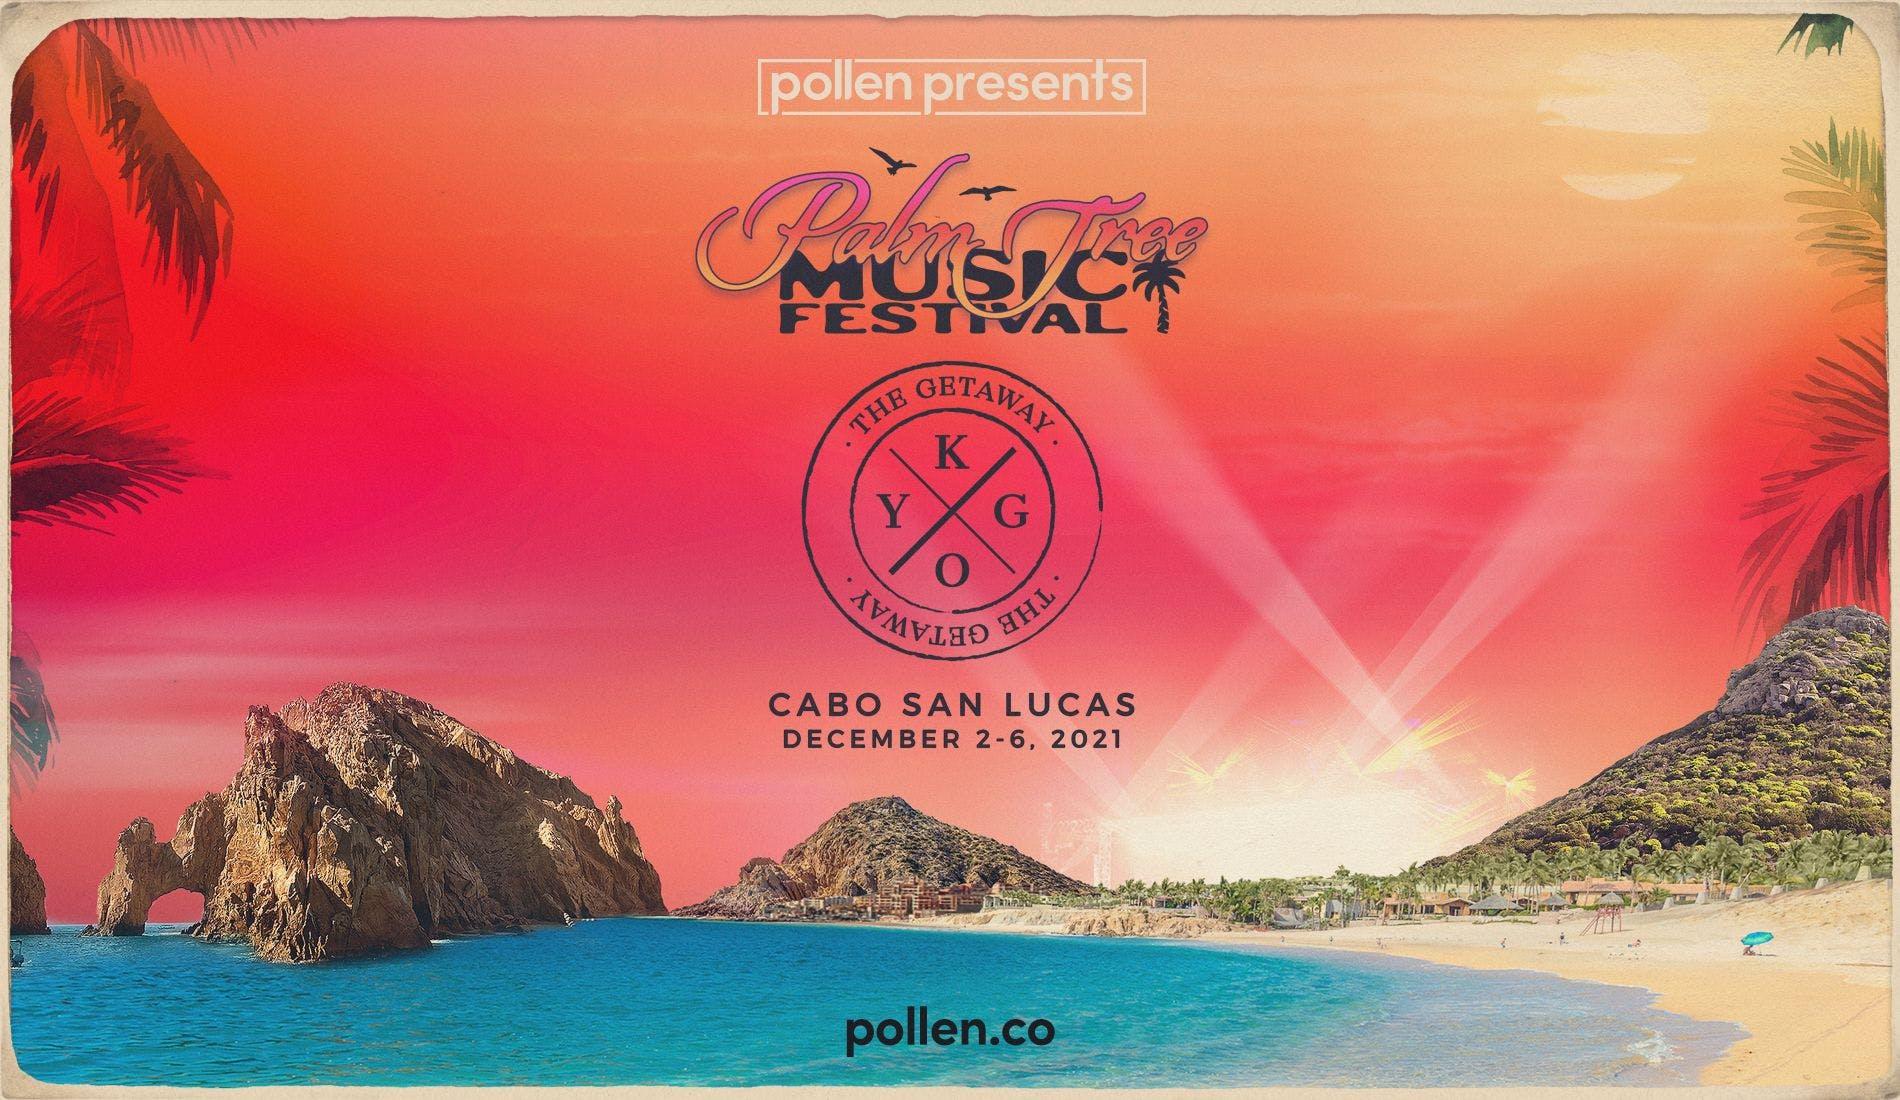 Kygo Cabo Background image